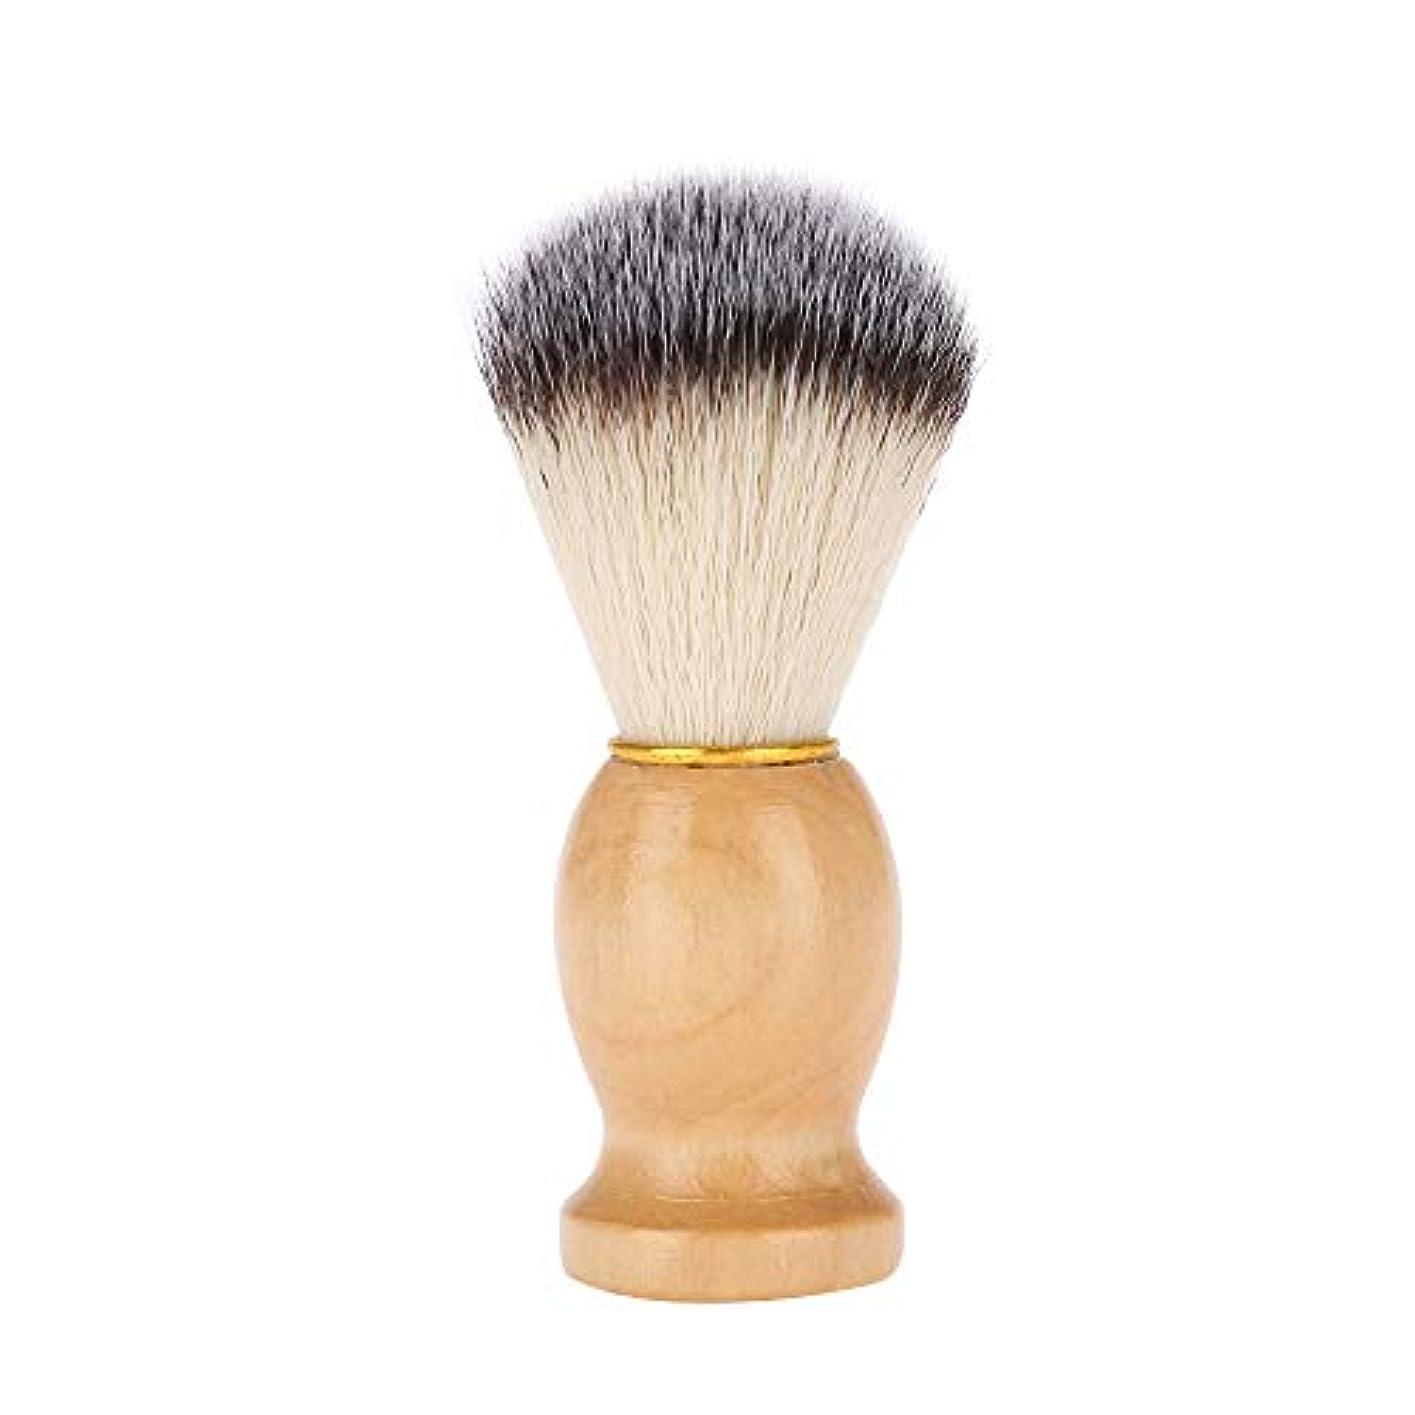 護衛建築家ドリンクシェービングブラシ 髭剃りブラシ 木製ハンドル+繊維毛 泡立て ひげ剃りツール メンズ理容ブラシ